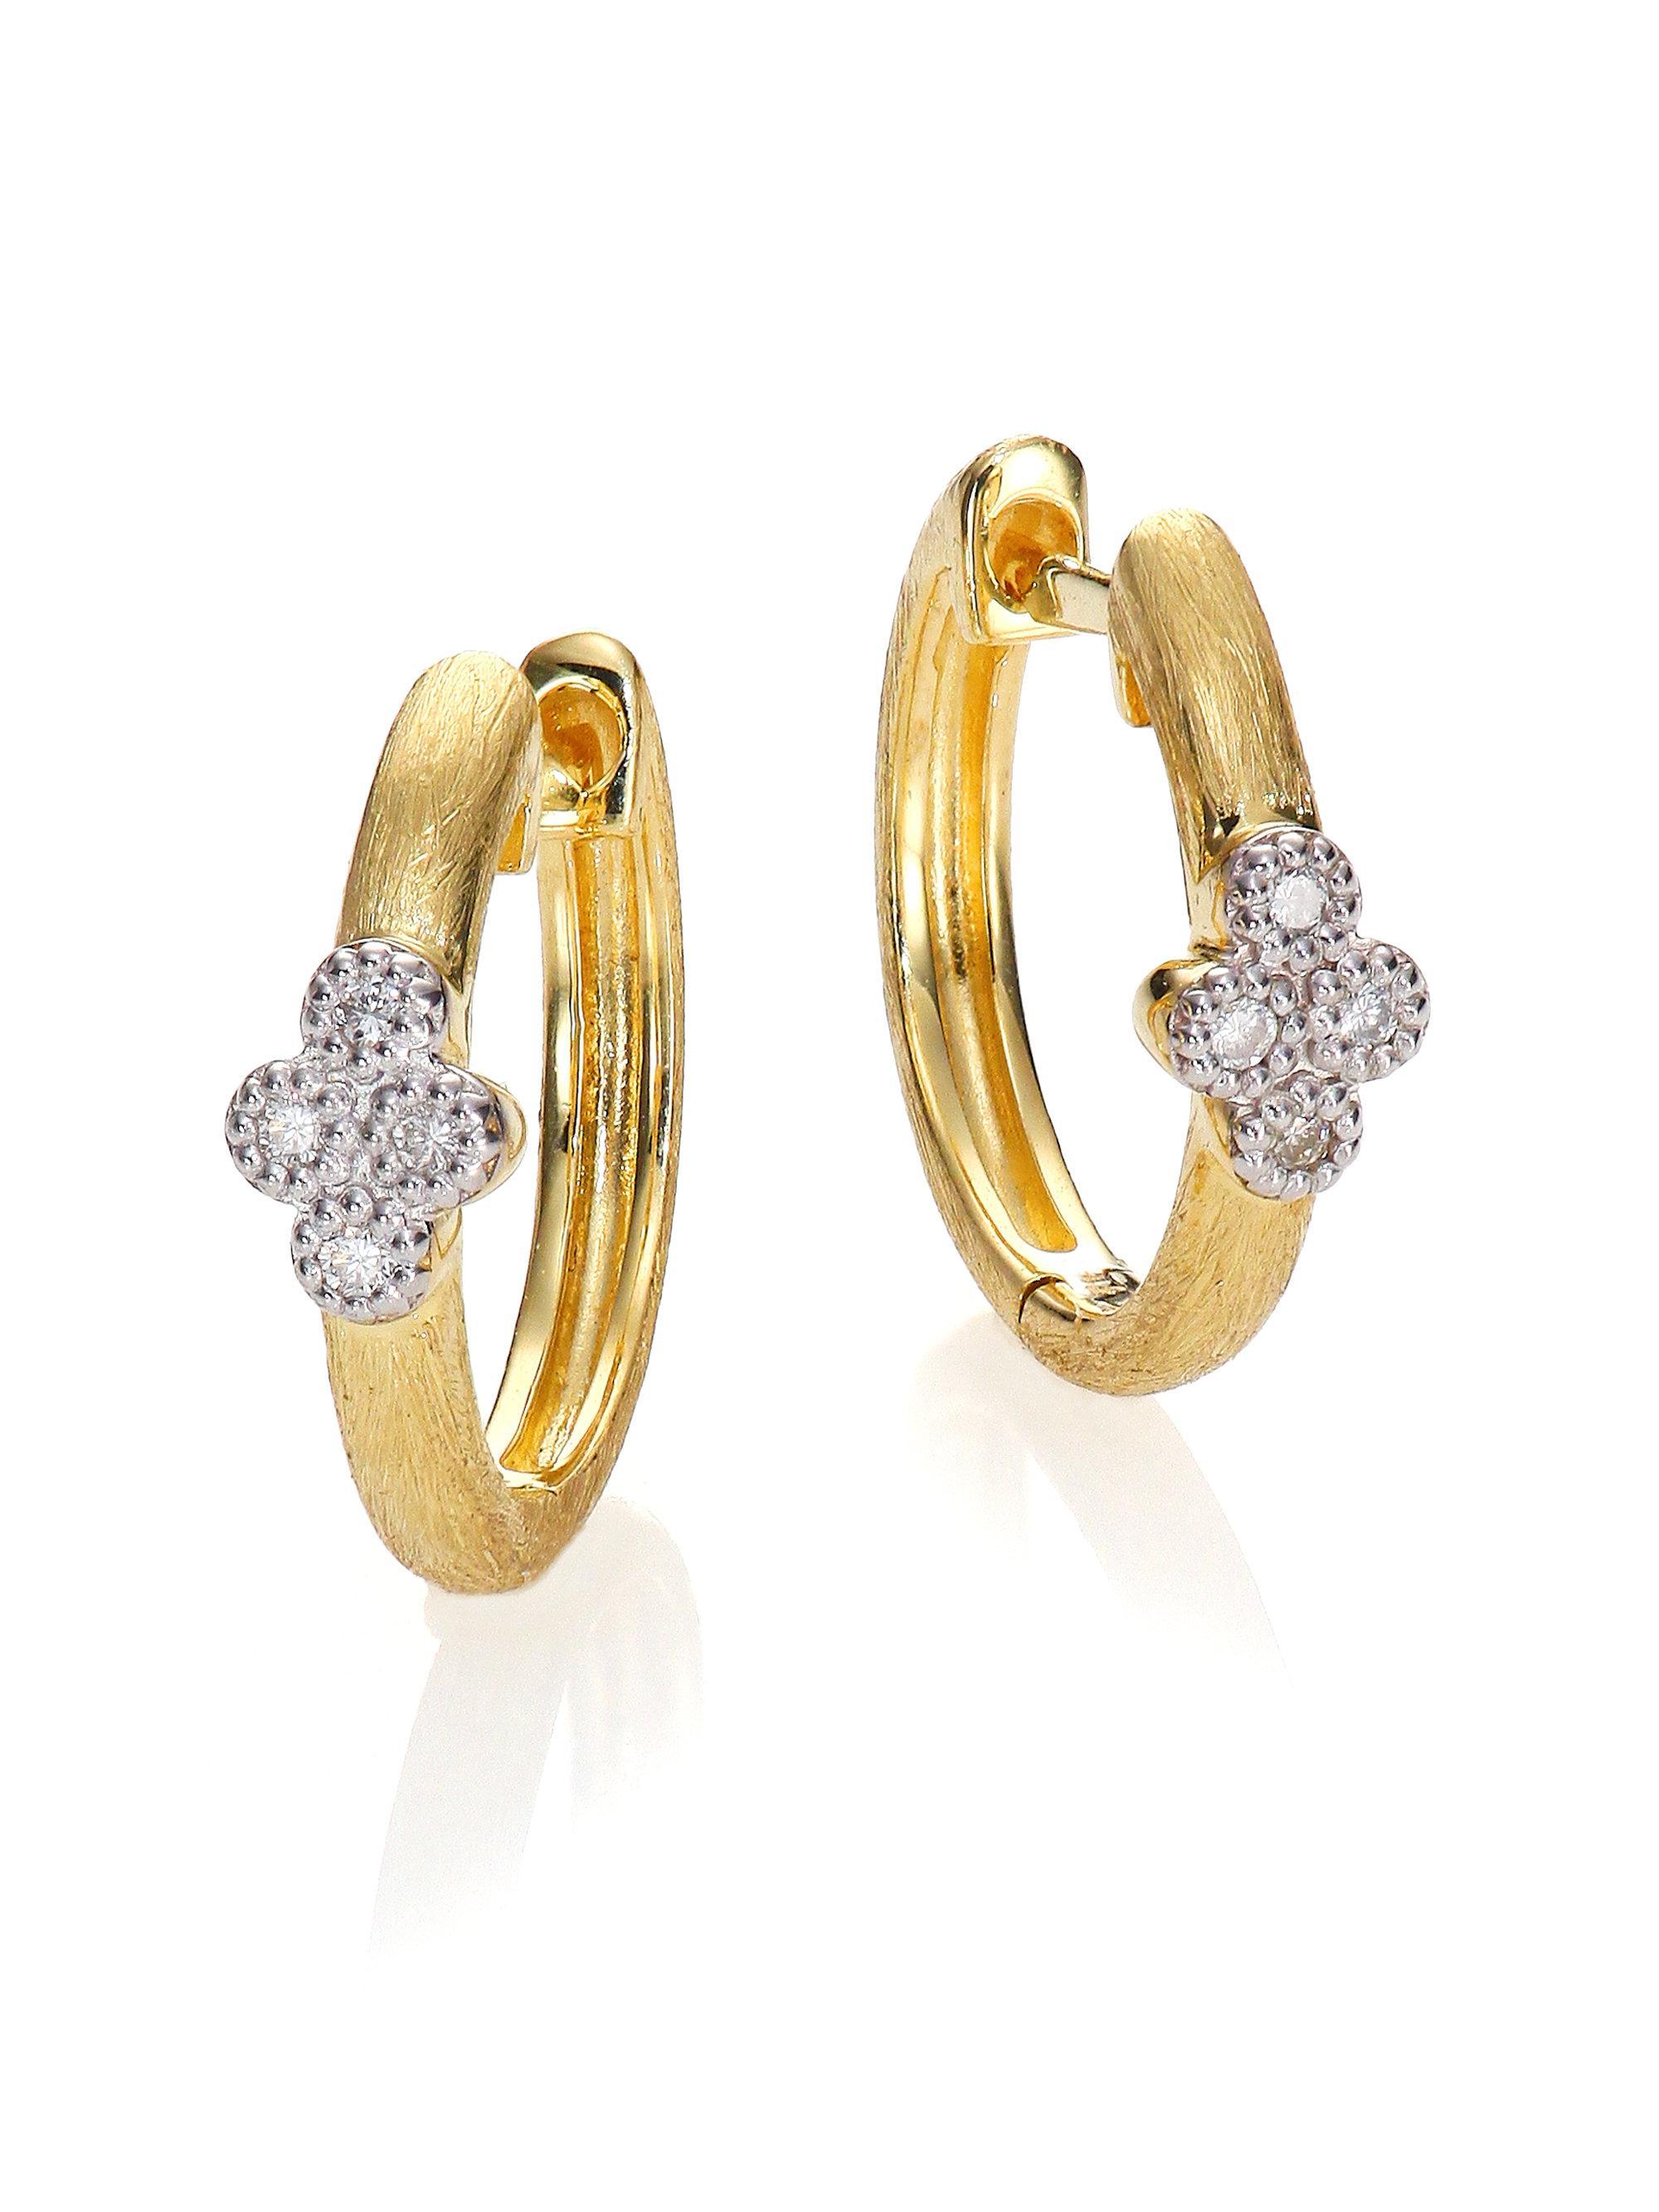 Jude Frances Provence Medium Pavé Diamond Hoop Earrings 2FoiawSM